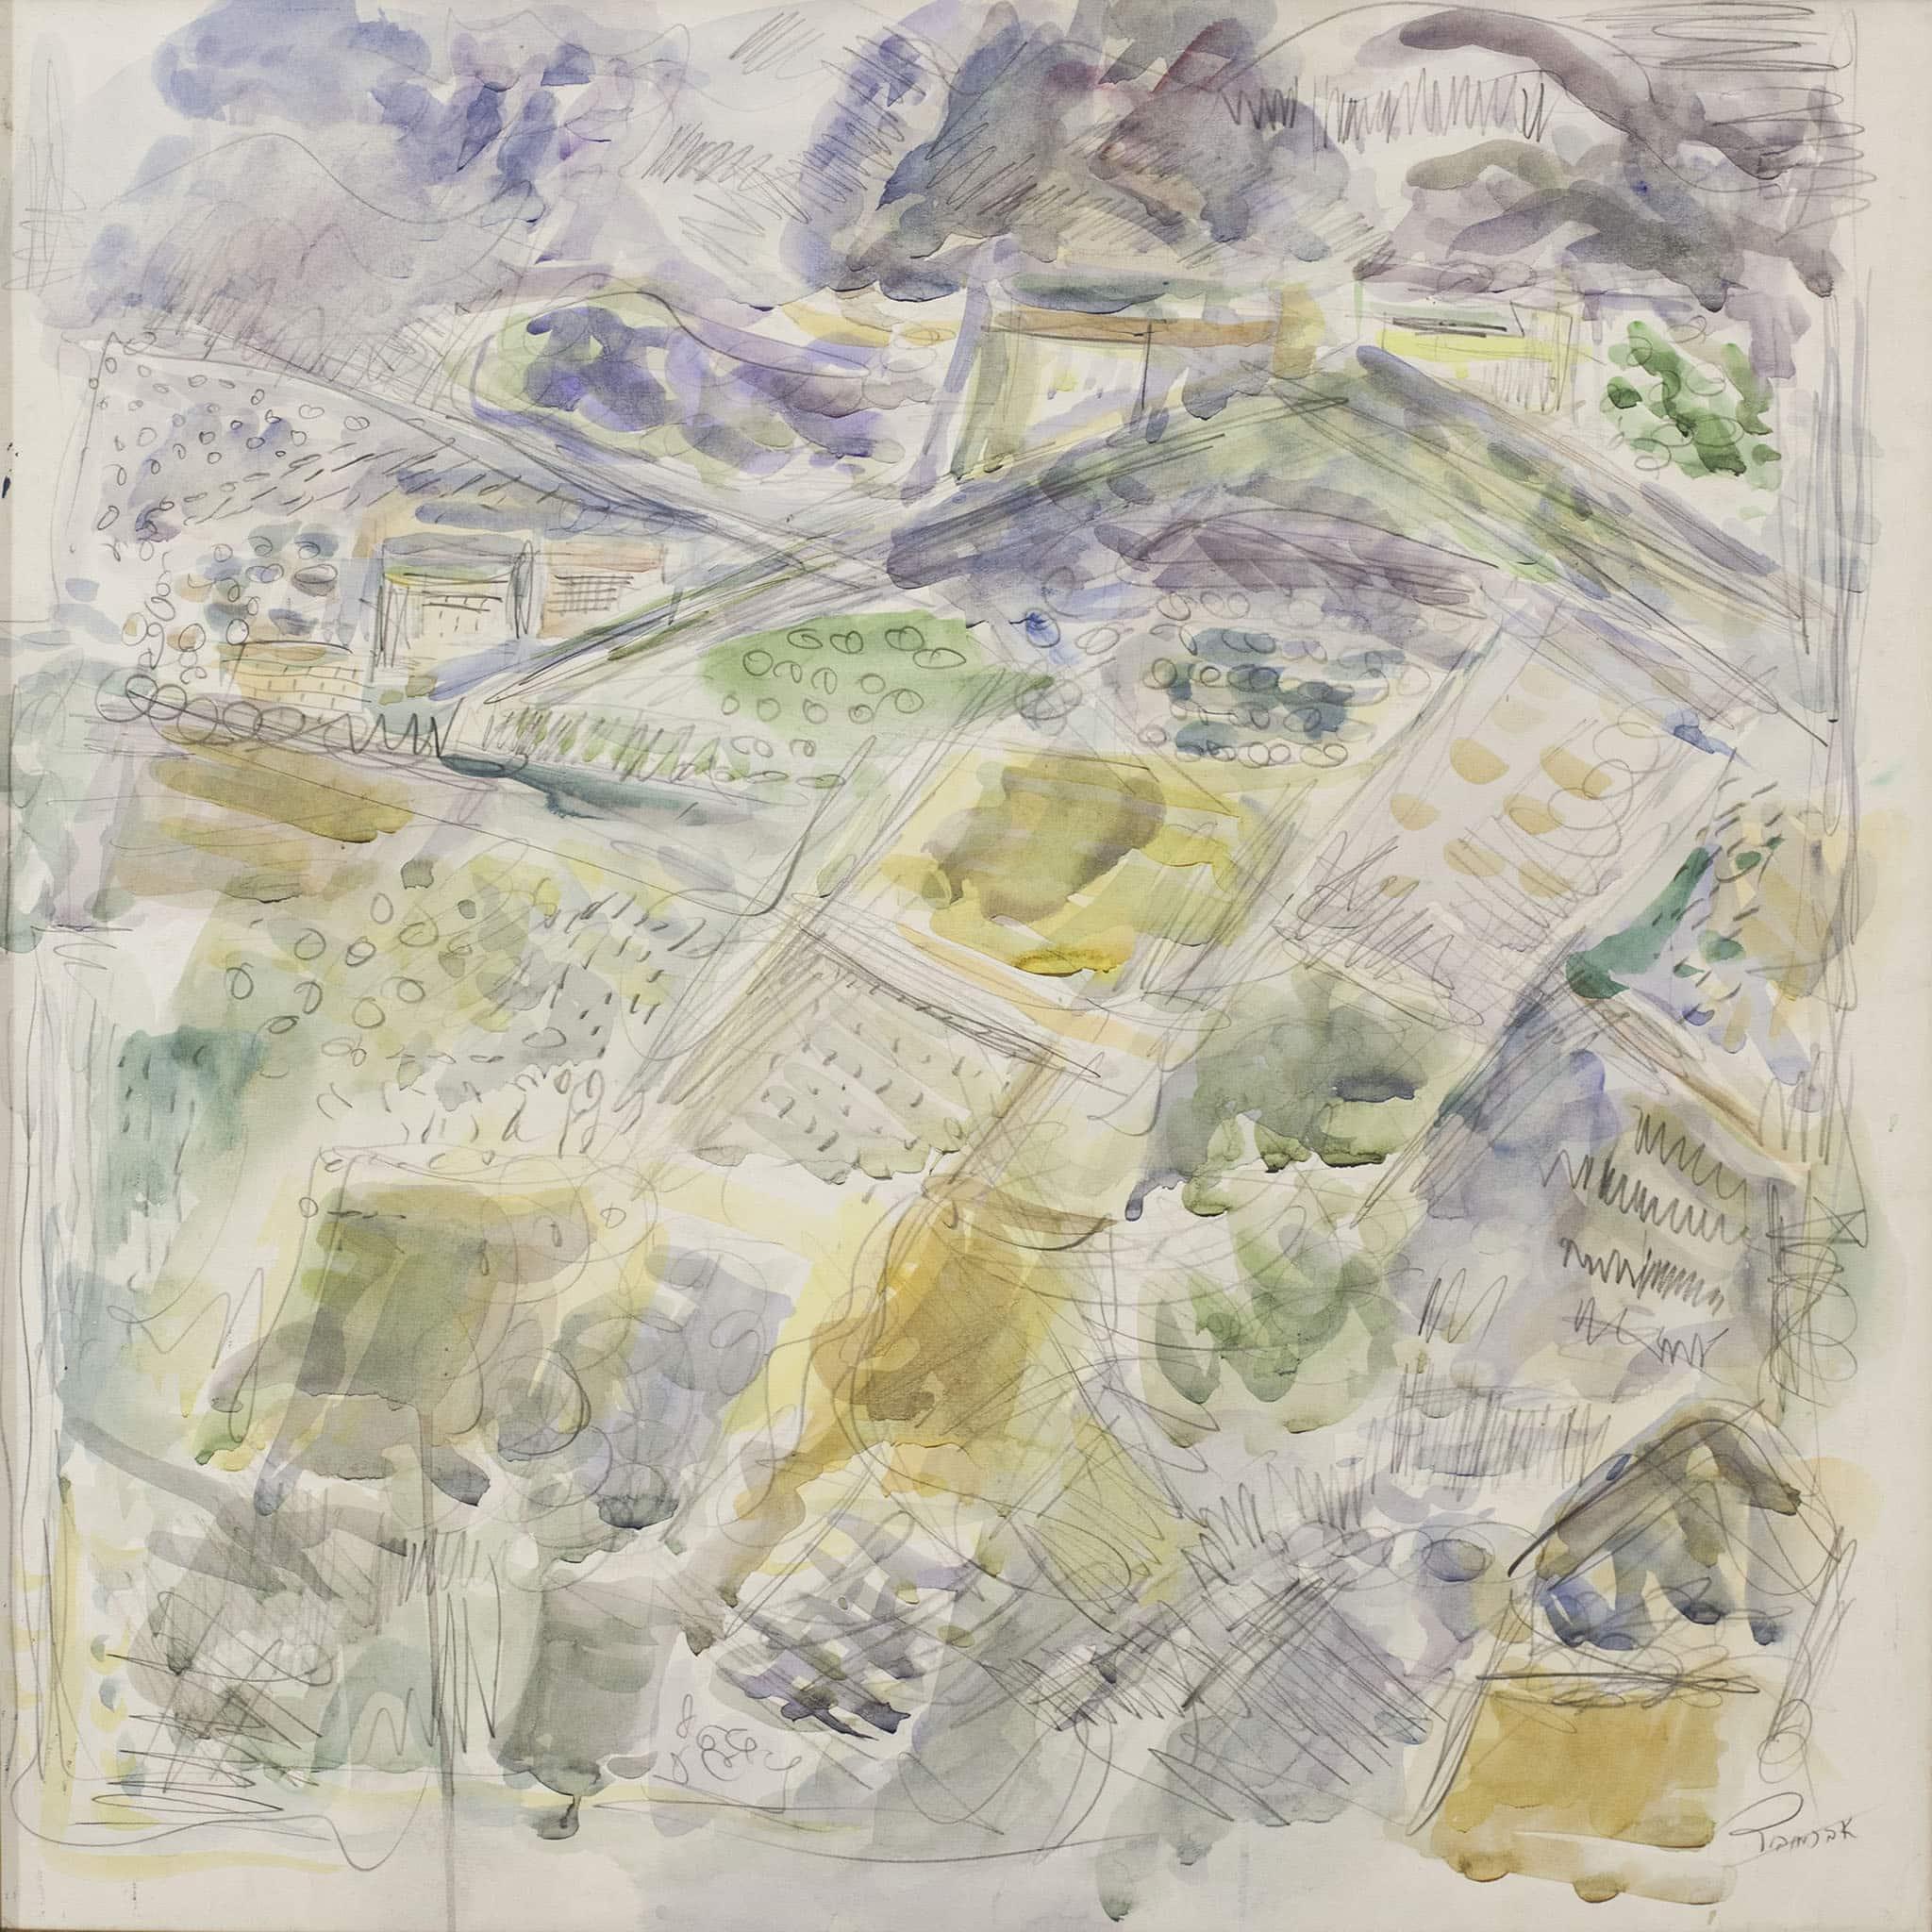 """פנחס אברמוביץ, """"נוף"""", אקוורל ועיפרון על נייר, 65x65 ס""""מ."""